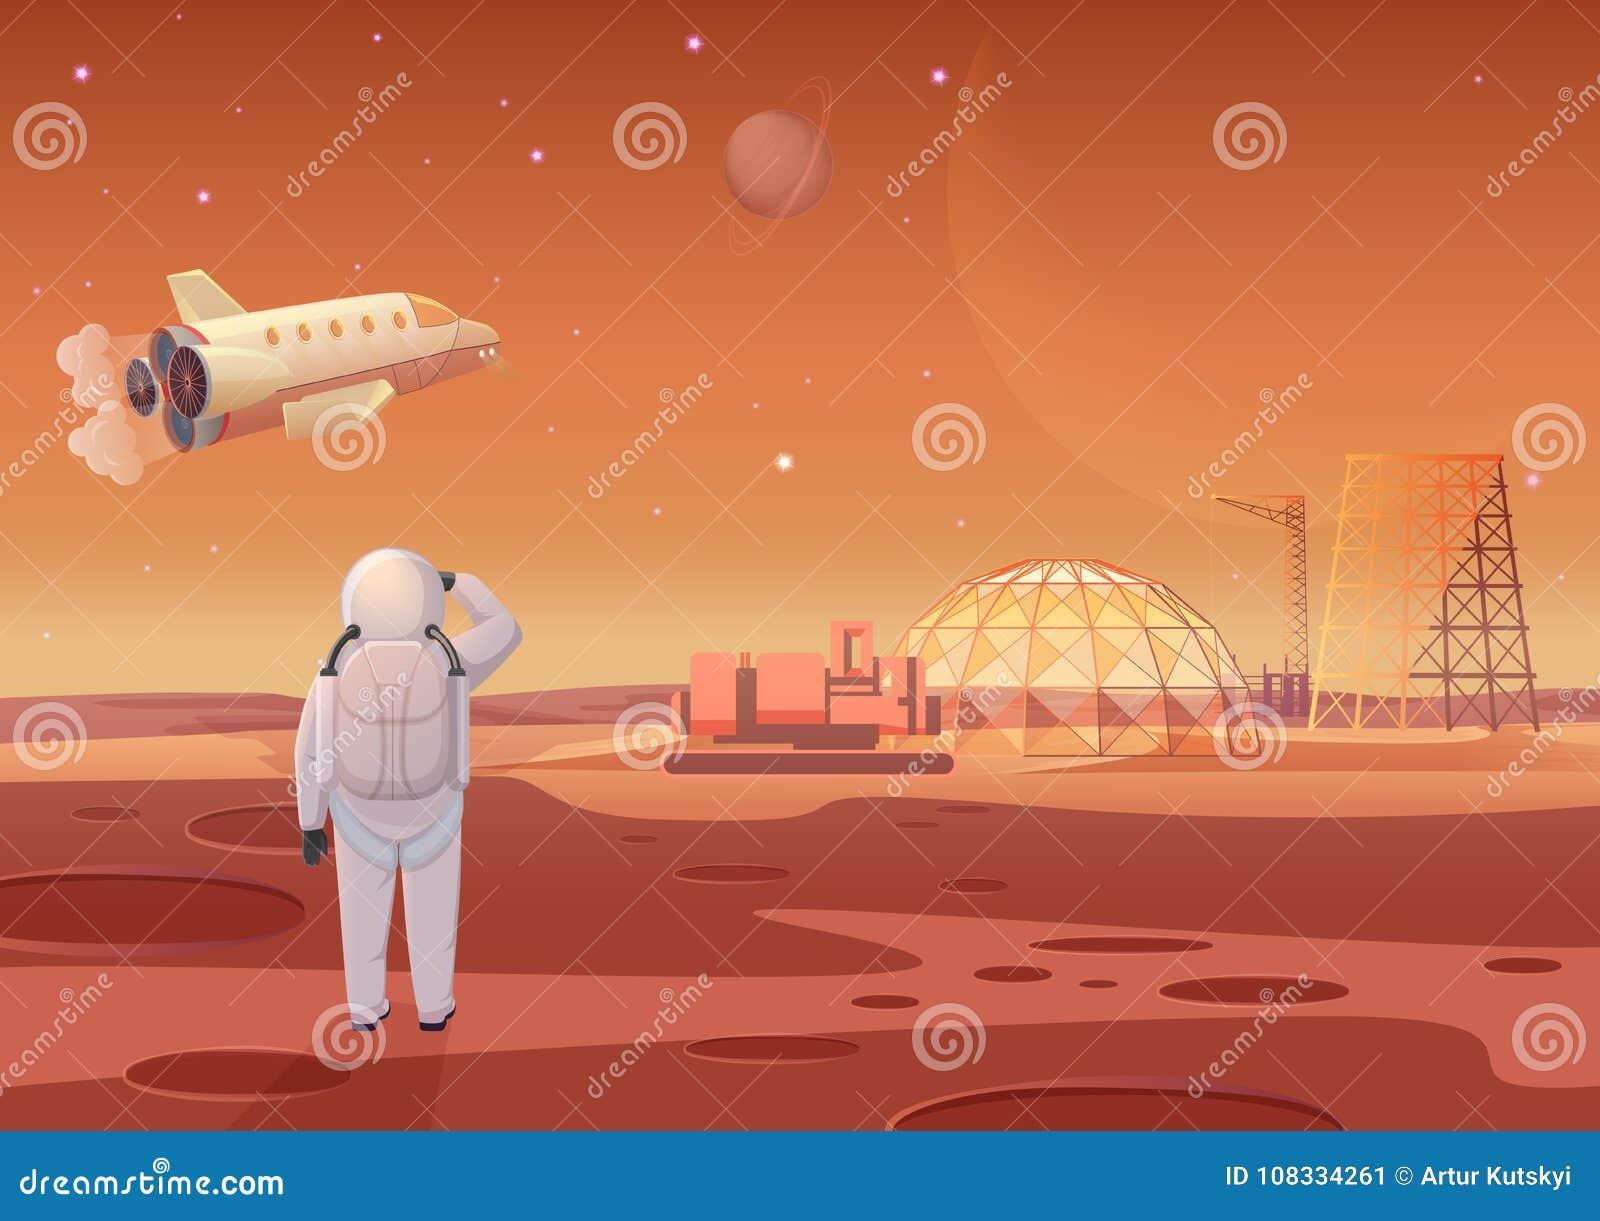 Διανυσματική απεικόνιση του αστροναύτη που στέκεται στην αποικία του Άρη και που εξετάζει το πετώντας διαστημόπλοιο